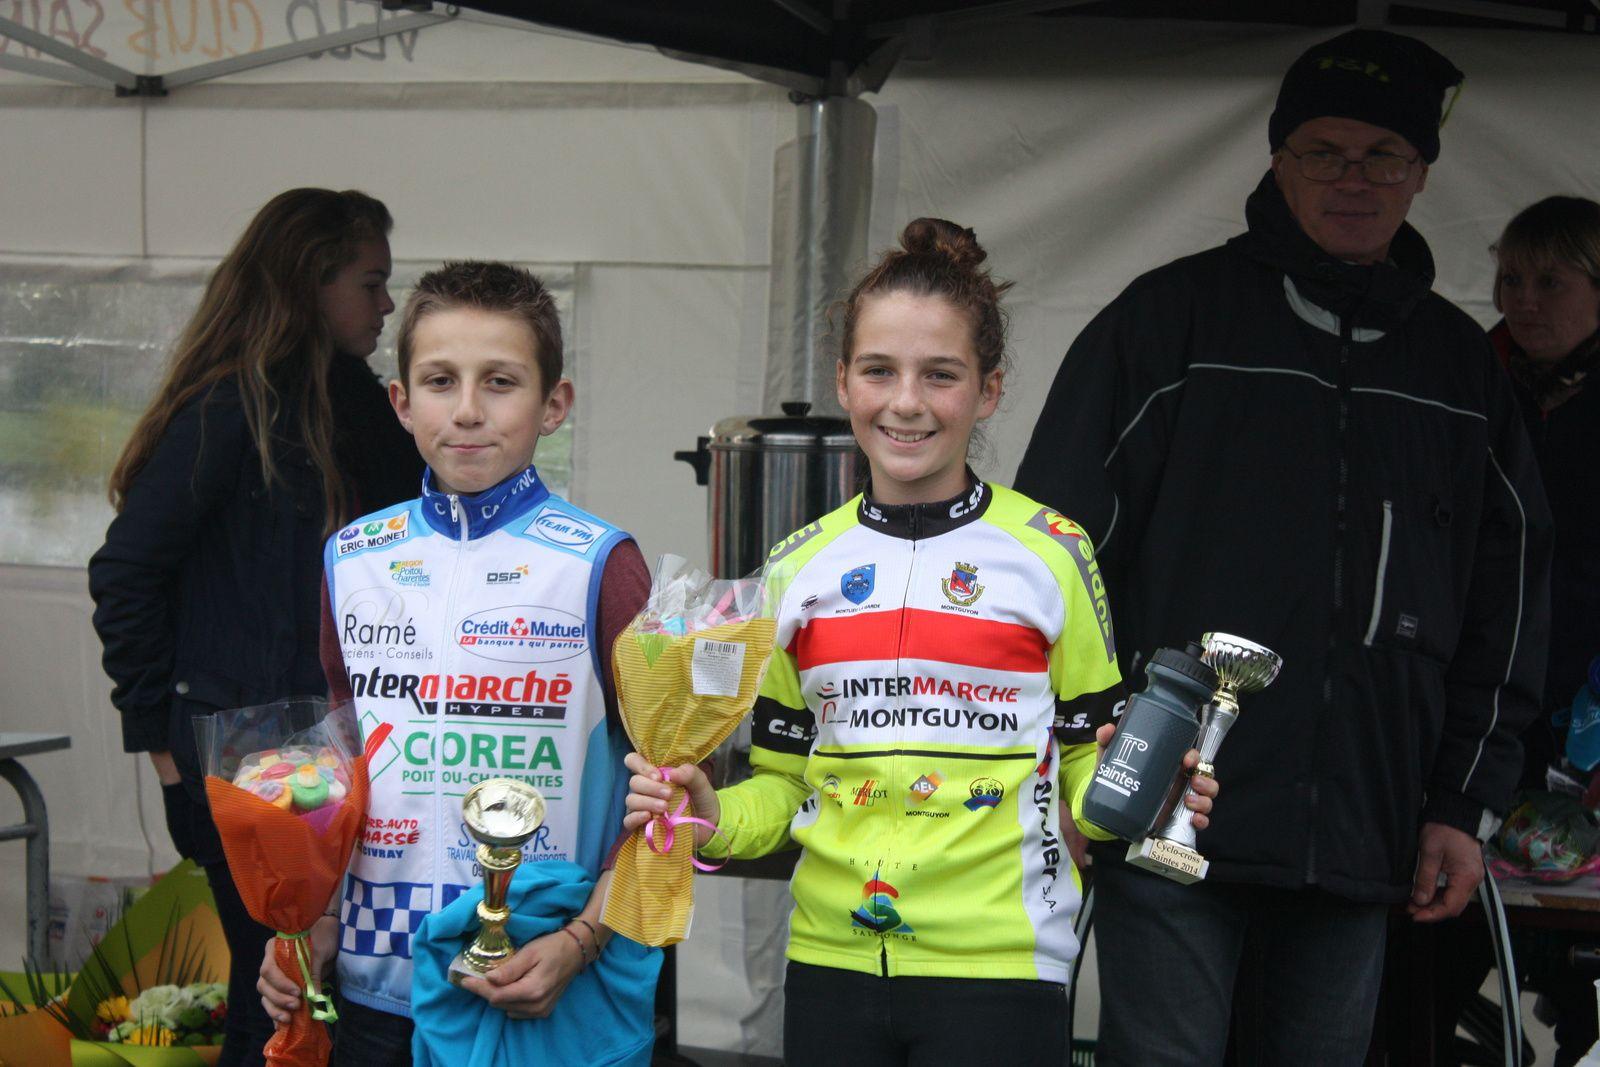 Les  vainqueurs  en  Benjamins  avec  Fabien  POTET(CA  Civray), 2e  et  1er  fille  fille  Ilona  FEYTOU(C  Sud-Saintonge).